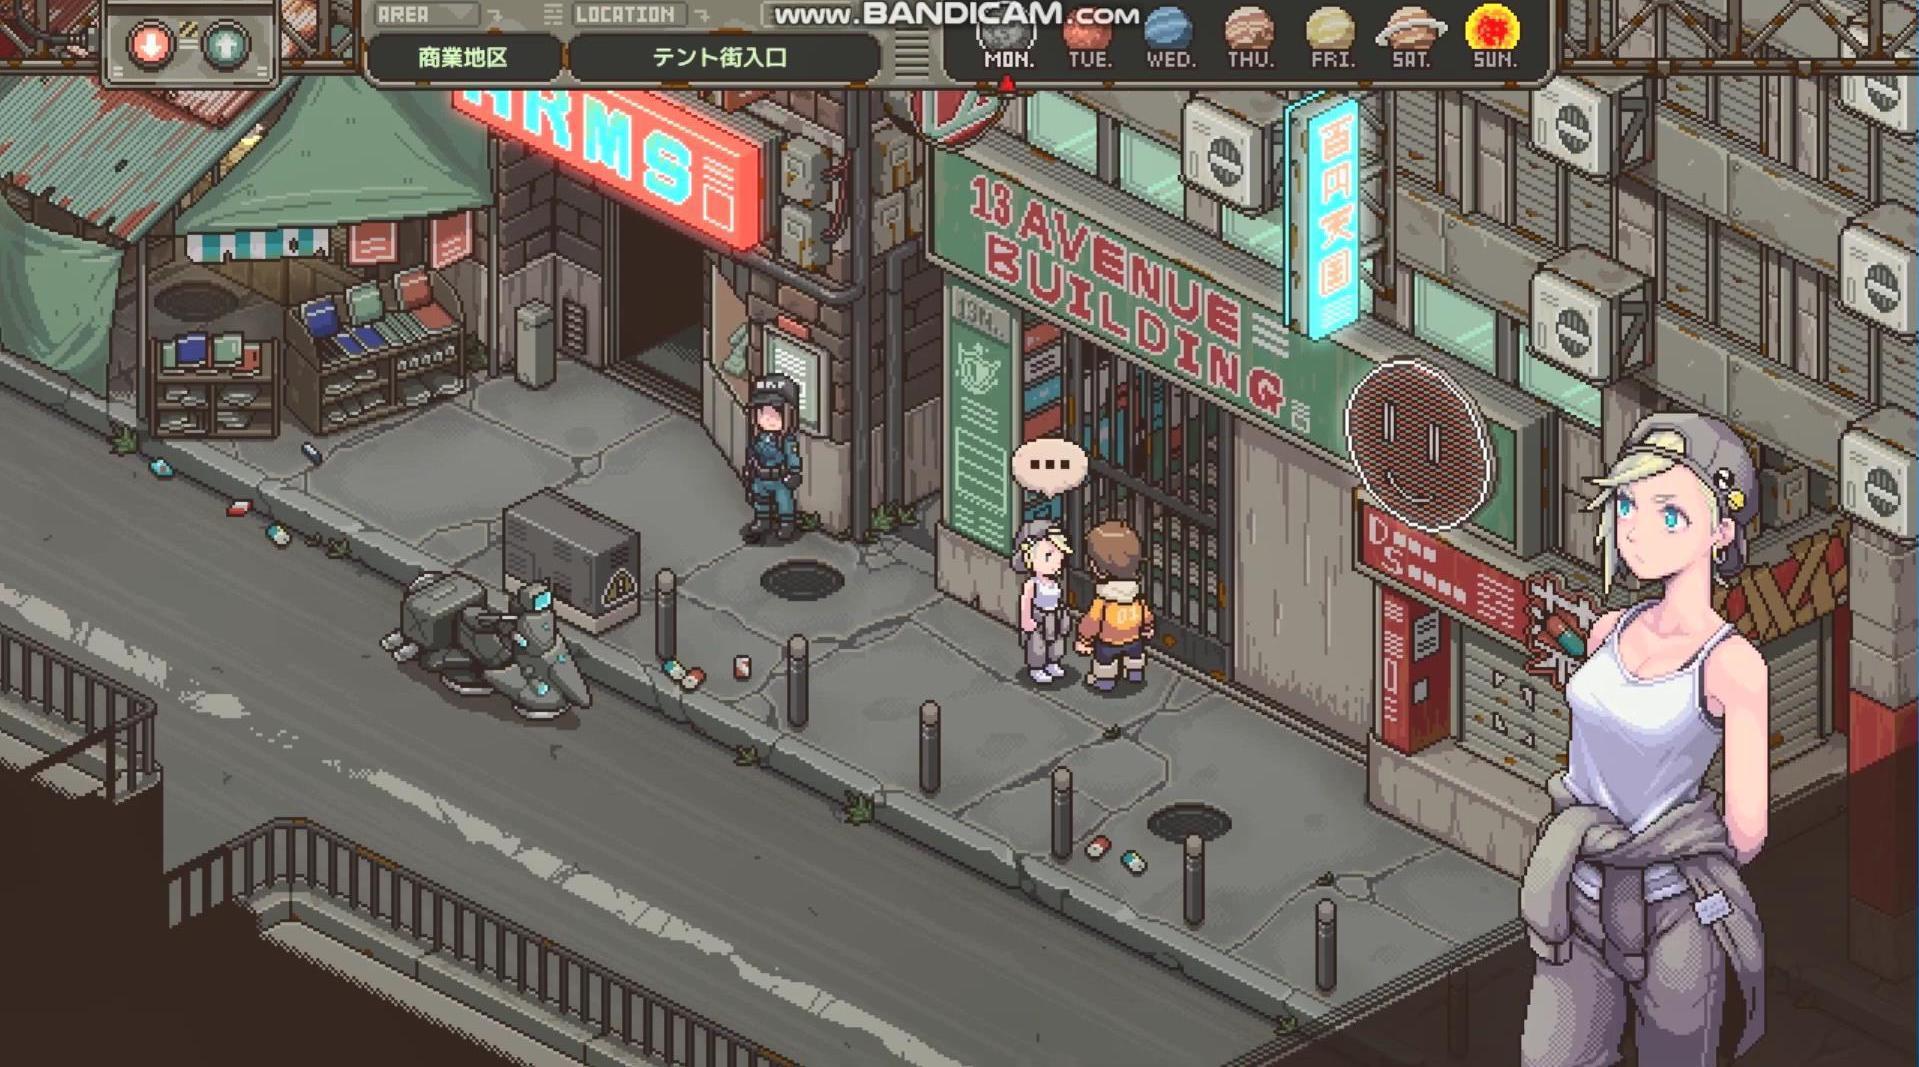 由日本游戏爱好者ウマー一个人开发的独立游戏《留在地球》……